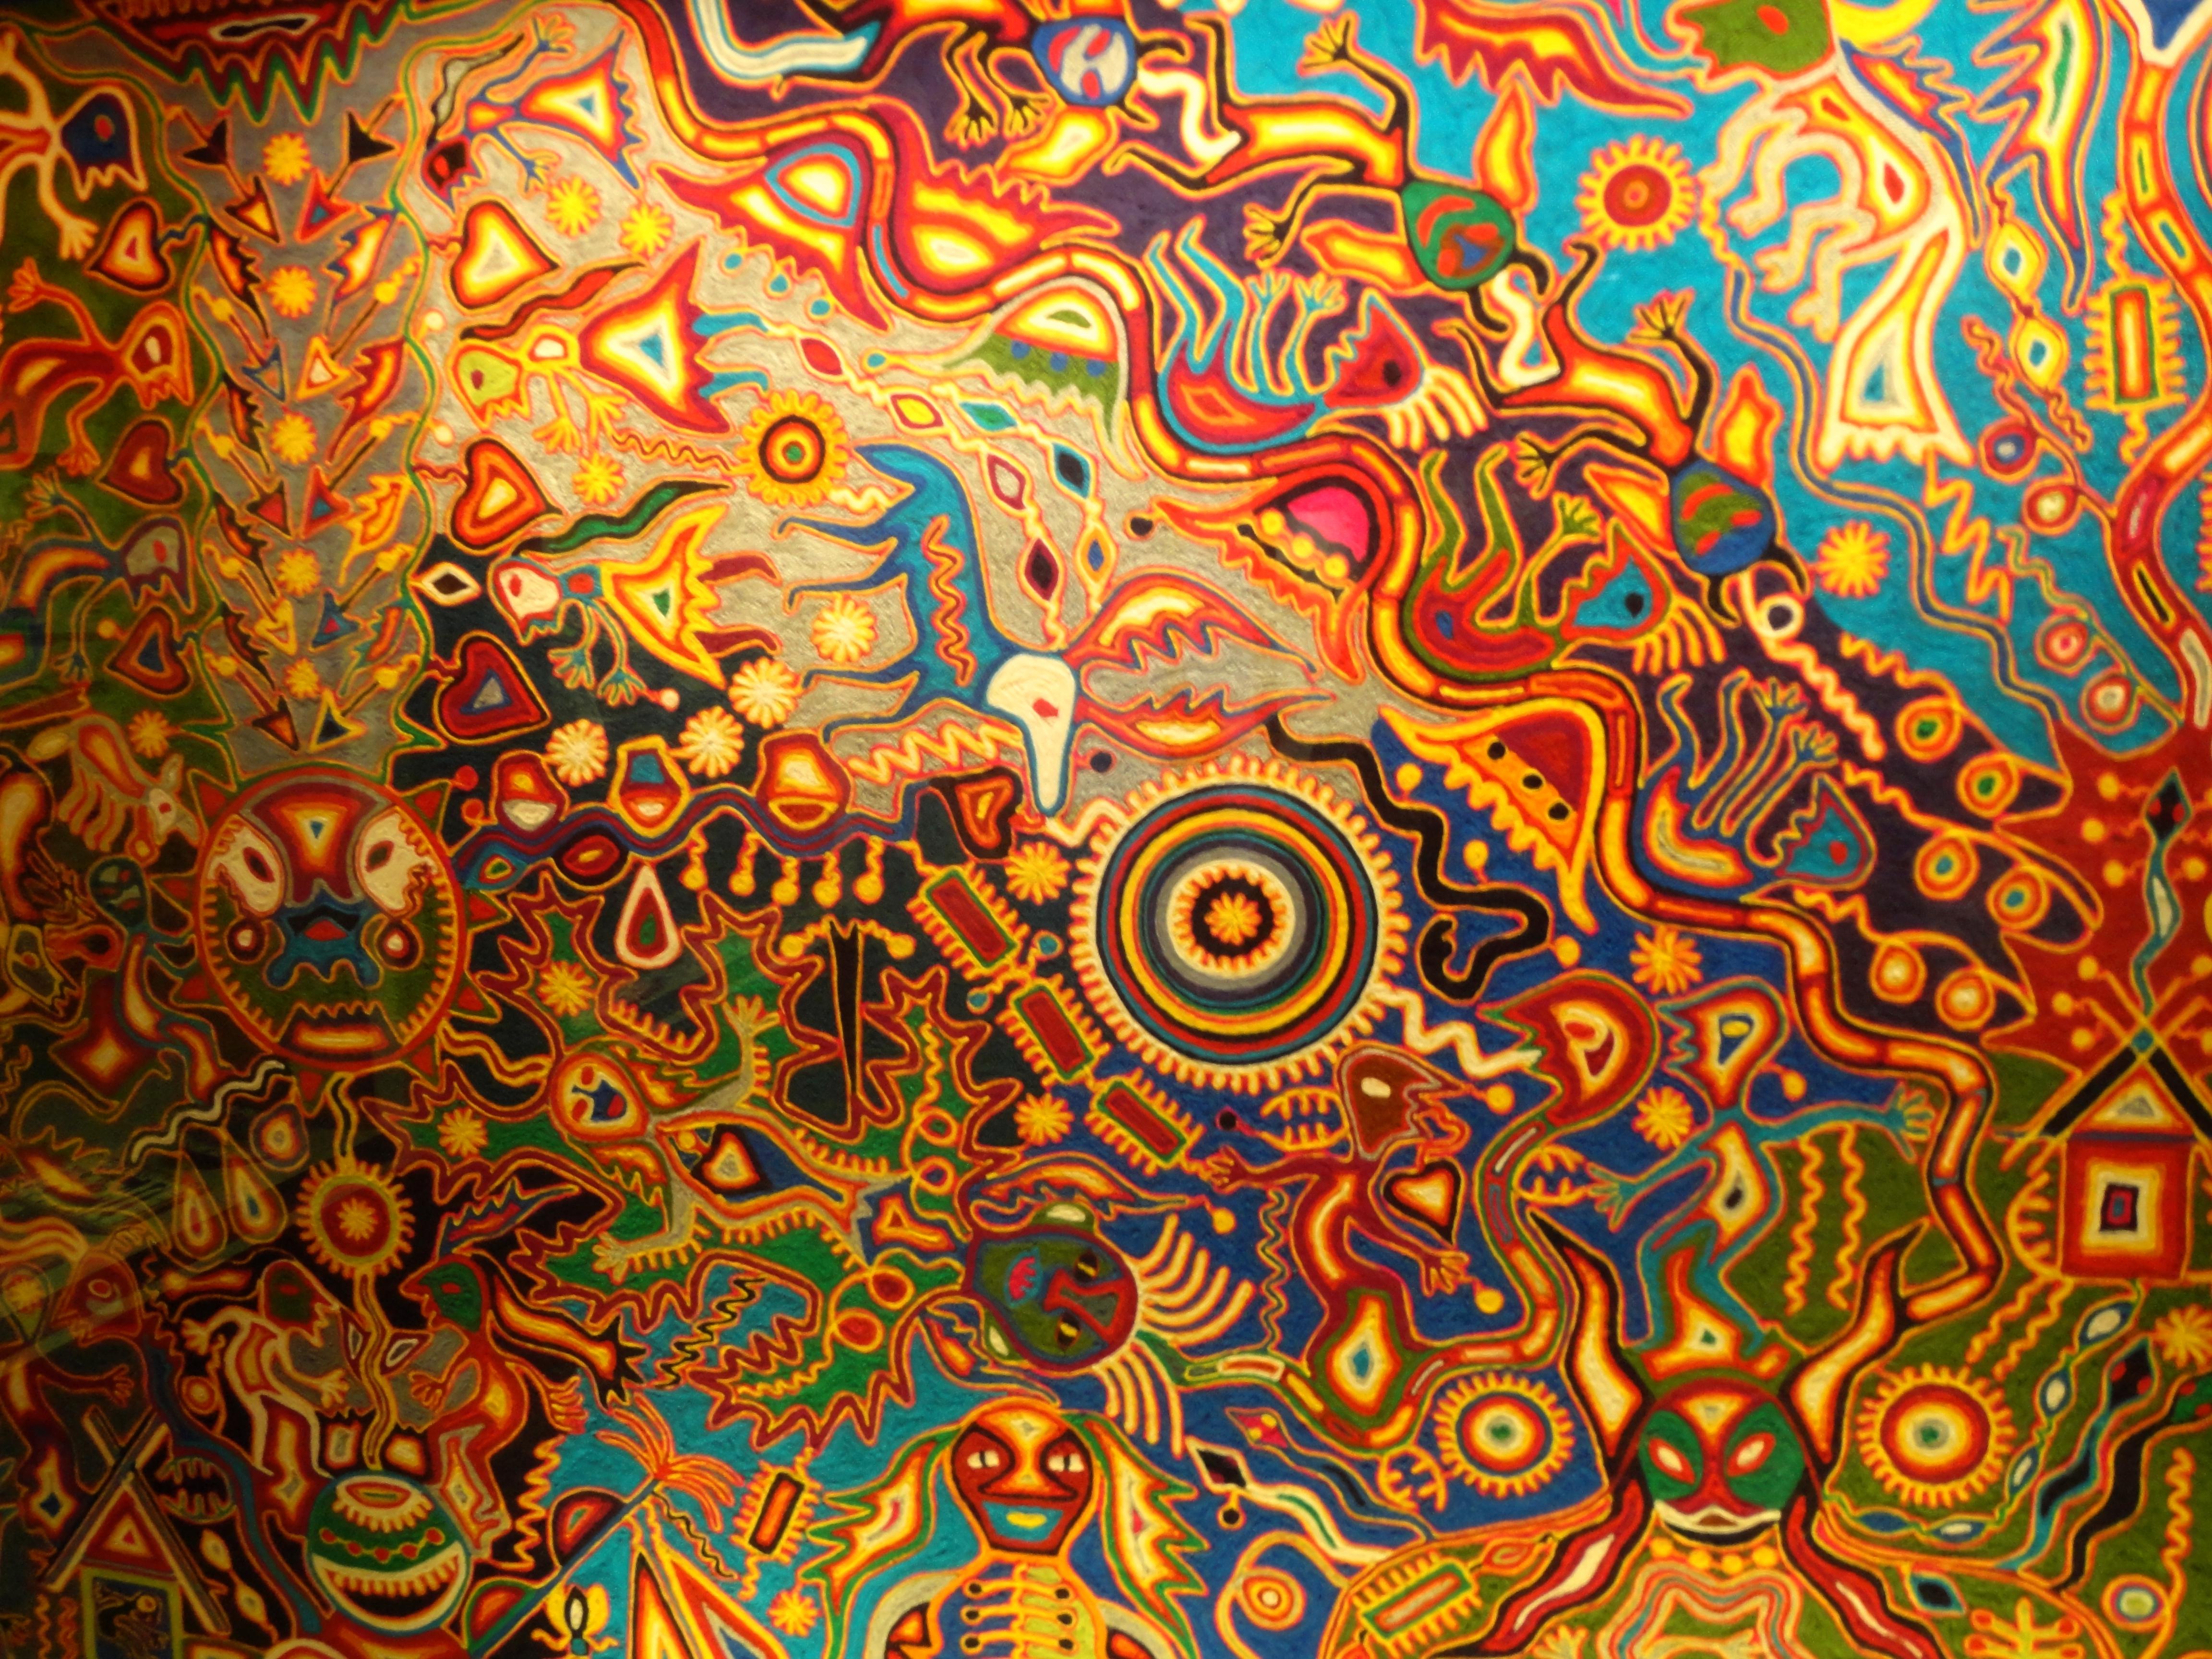 FileArte del Pueblo Huicholjpg   Wikimedia Commons 4608x3456